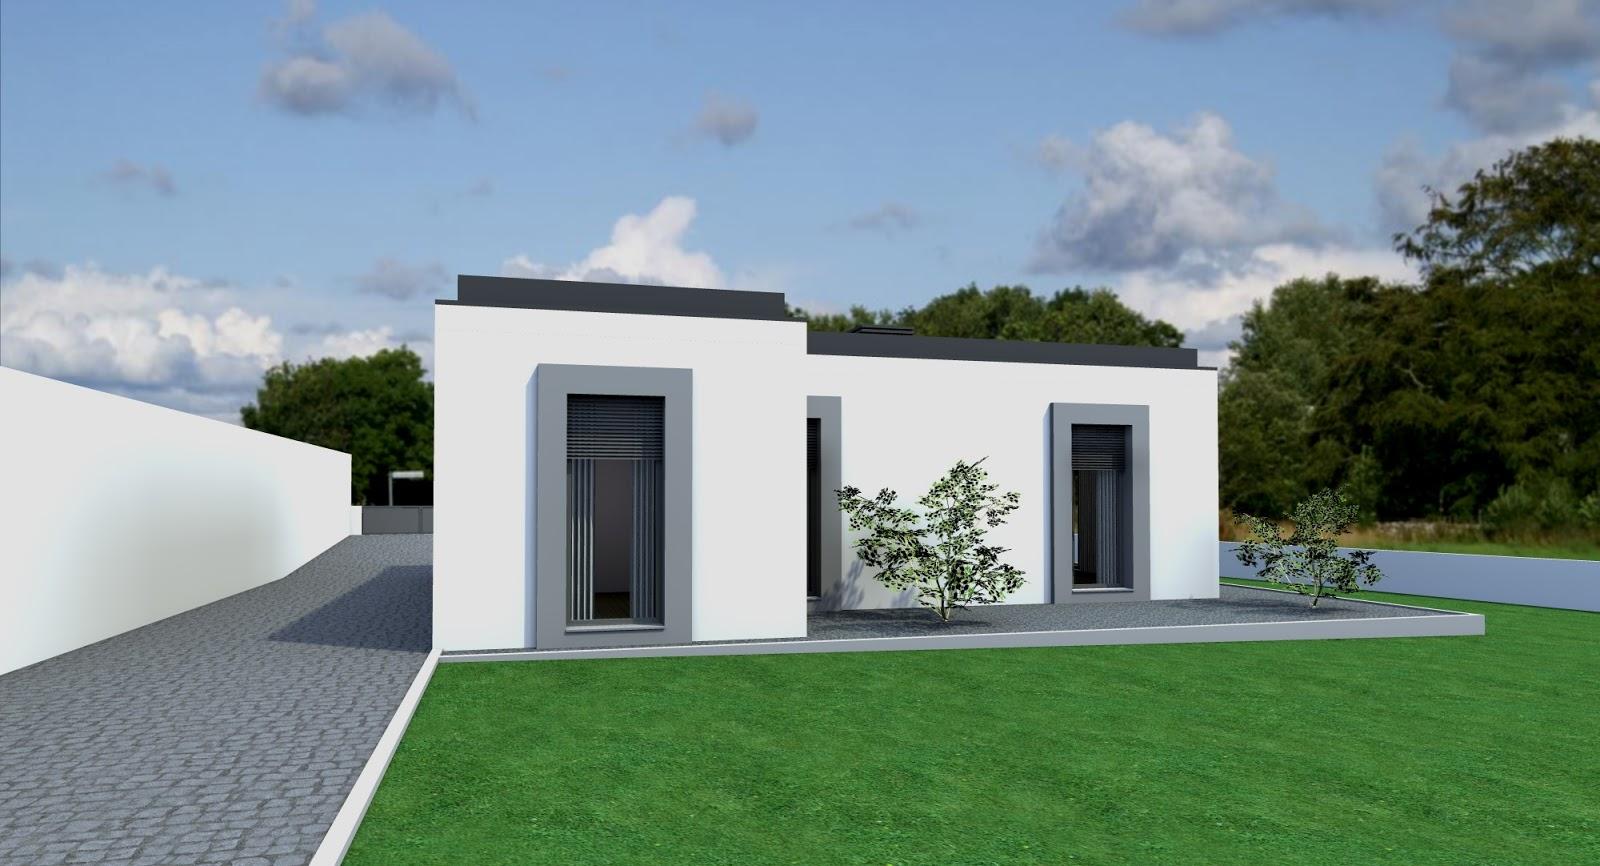 Casas modulares steel houses vila nova de gaia em - Casas modulares portugal ...